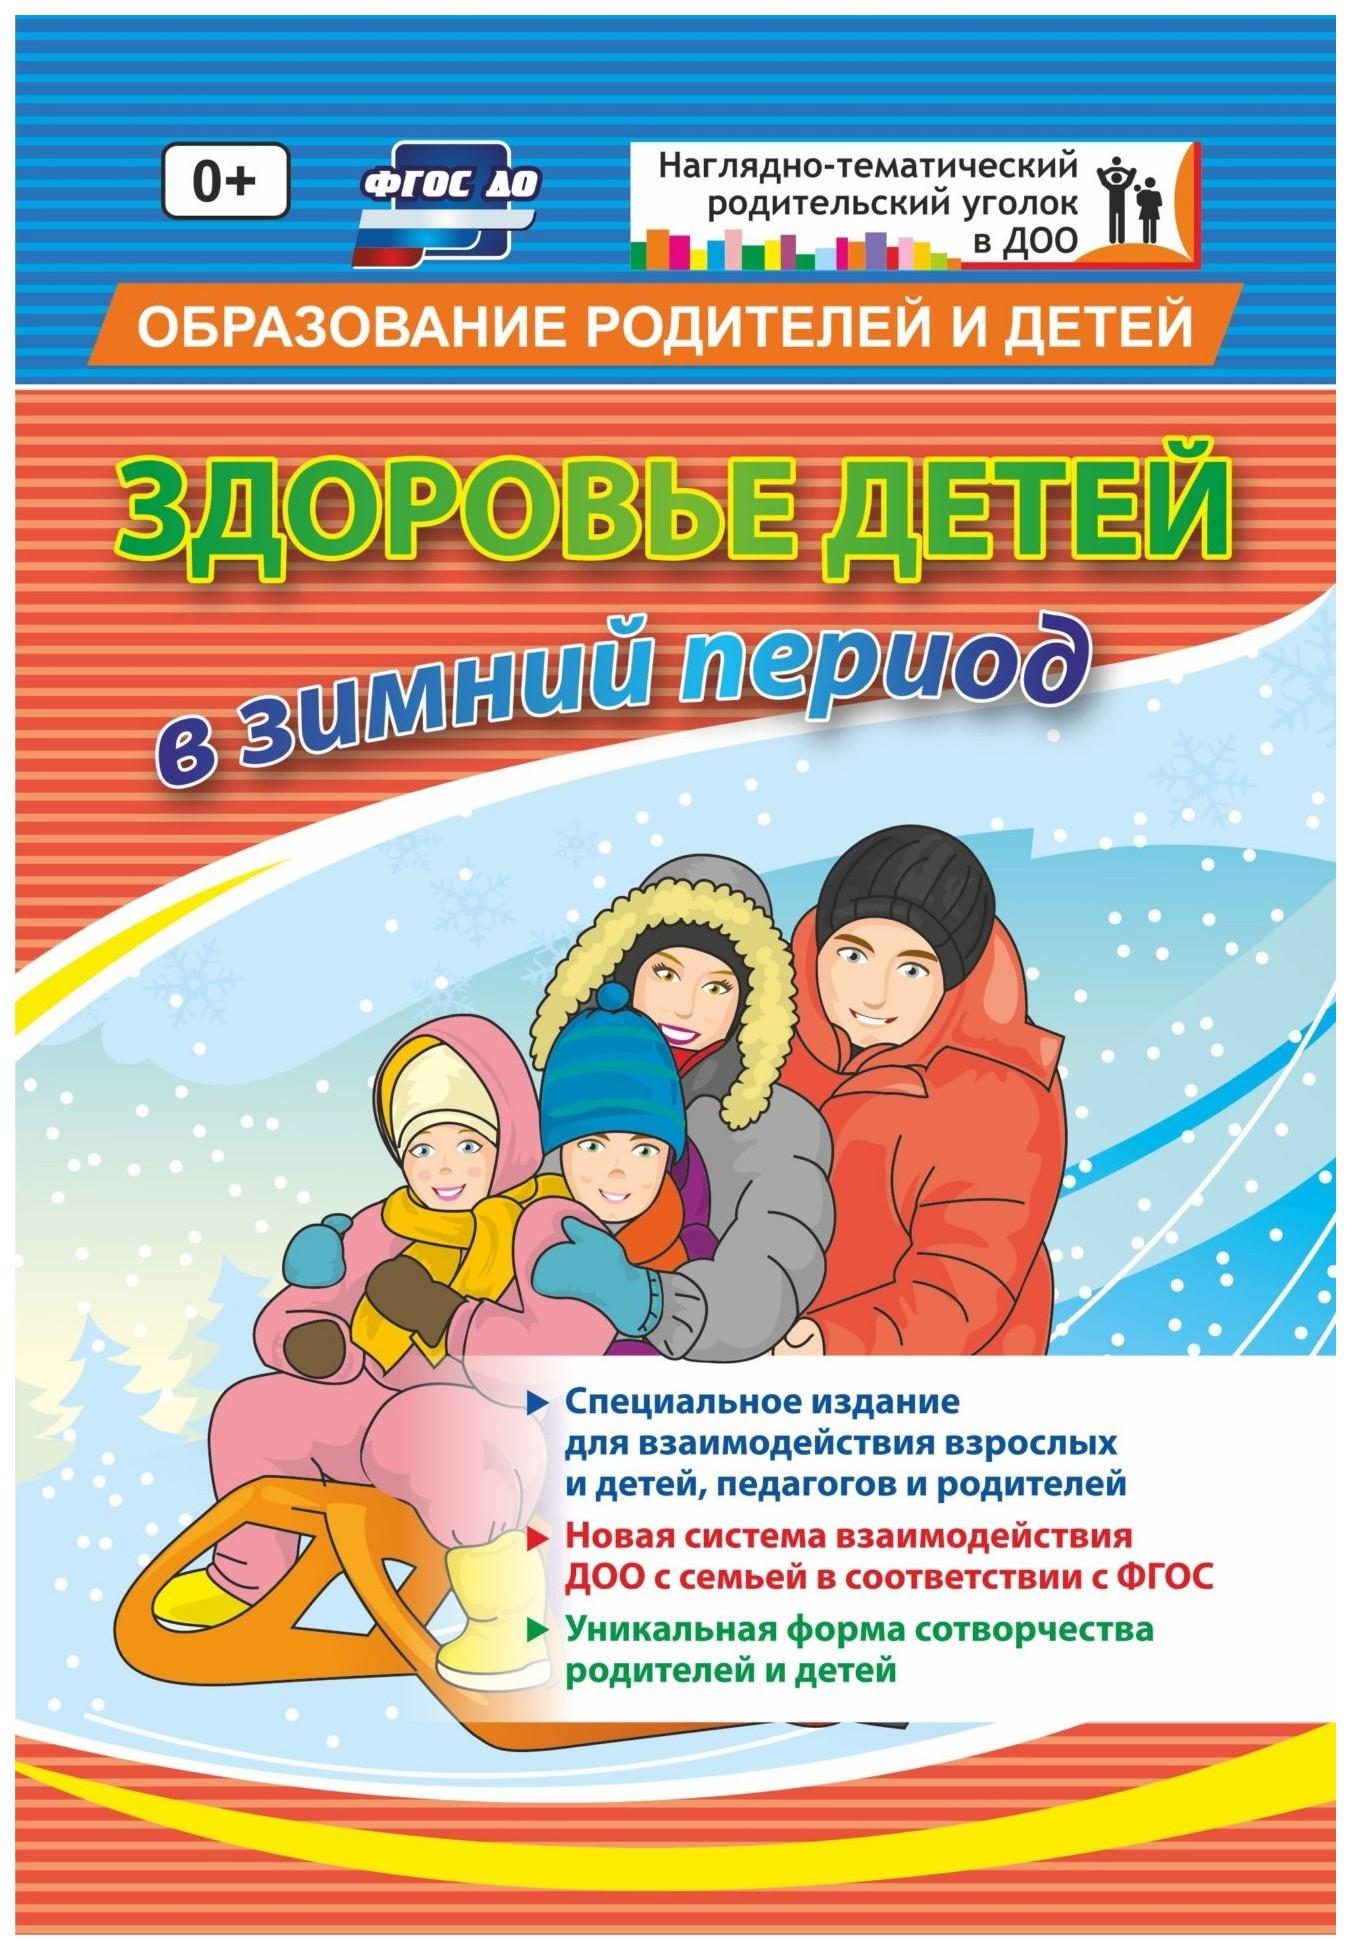 Купить Здоровье детей в зимний период: специальное издание для взаимодействия взрослых и детей, п, Учитель, Подготовка к школе